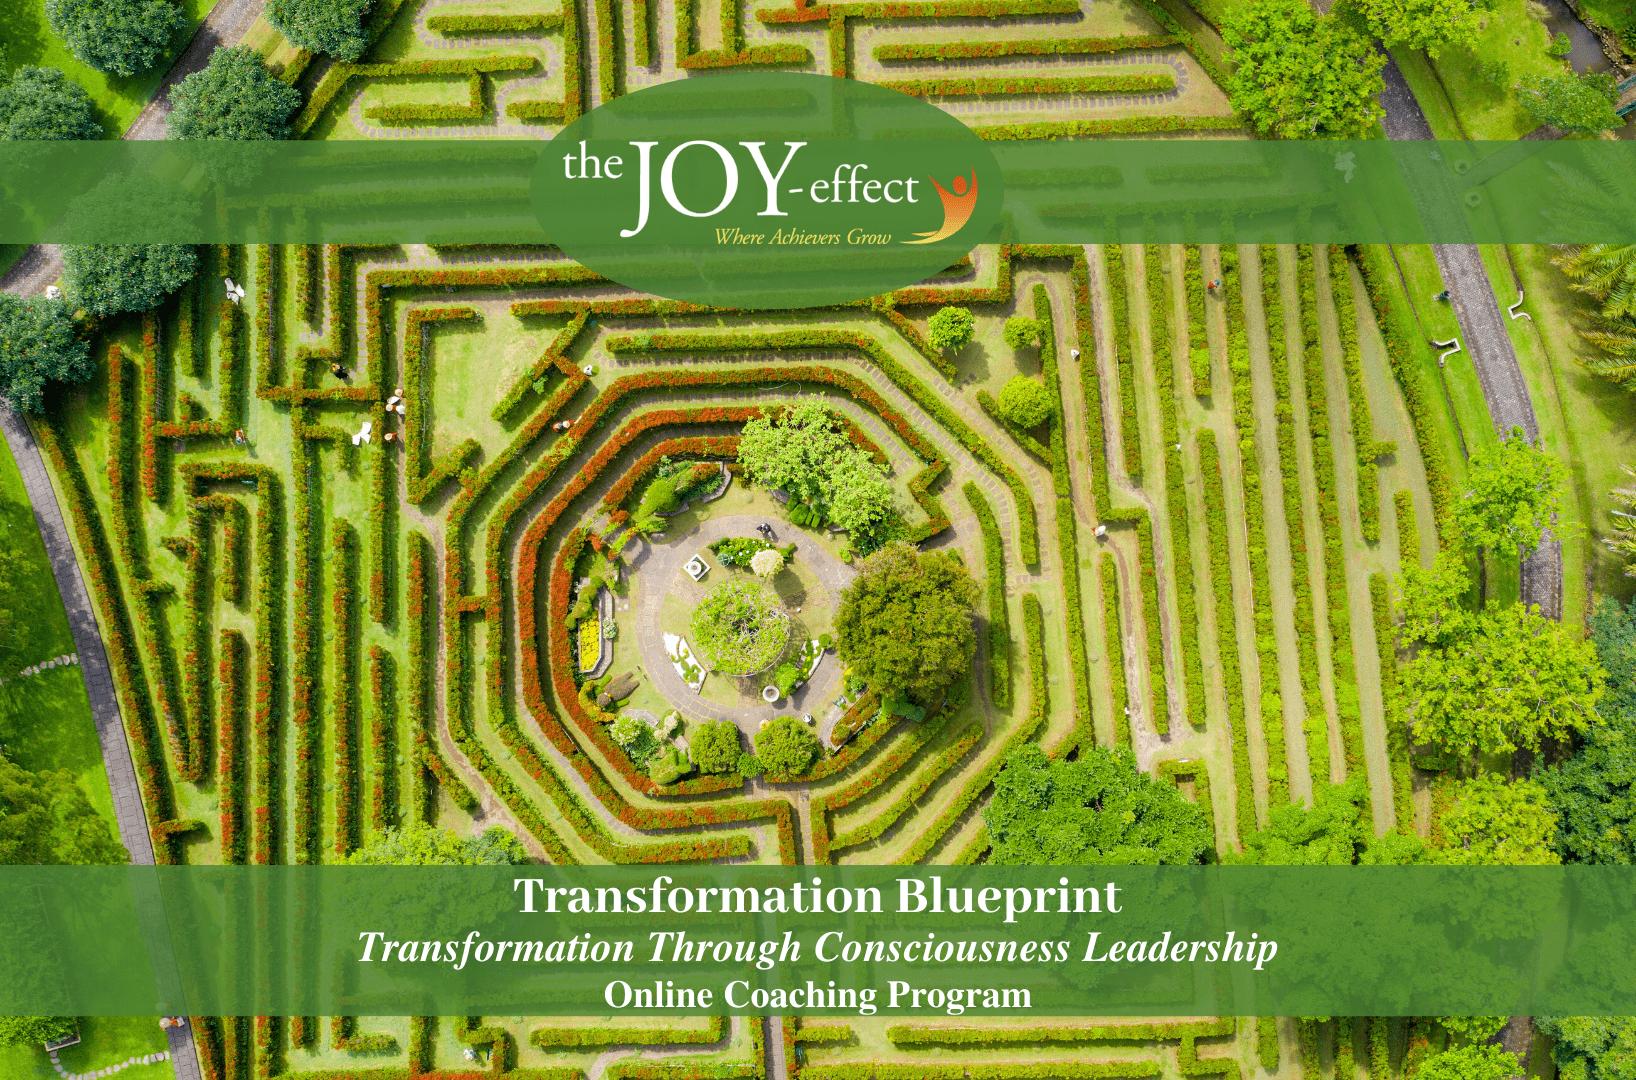 change through optimal transformation